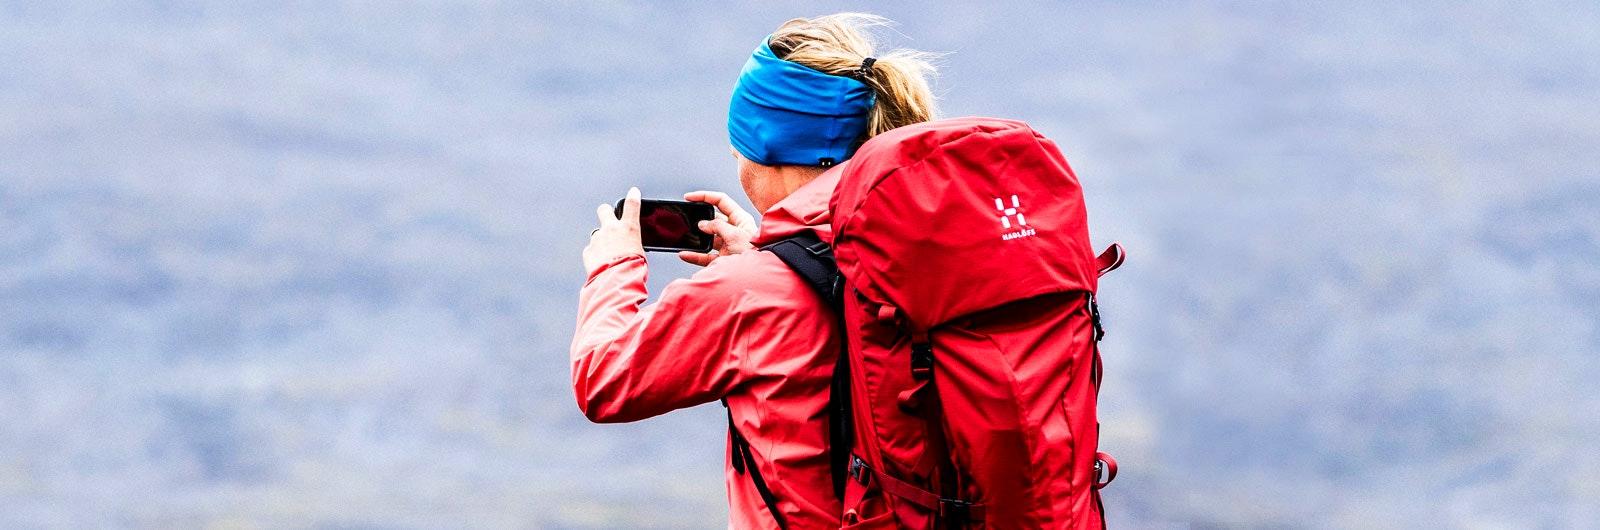 Rödklädd vandrare fotograferar landskapet